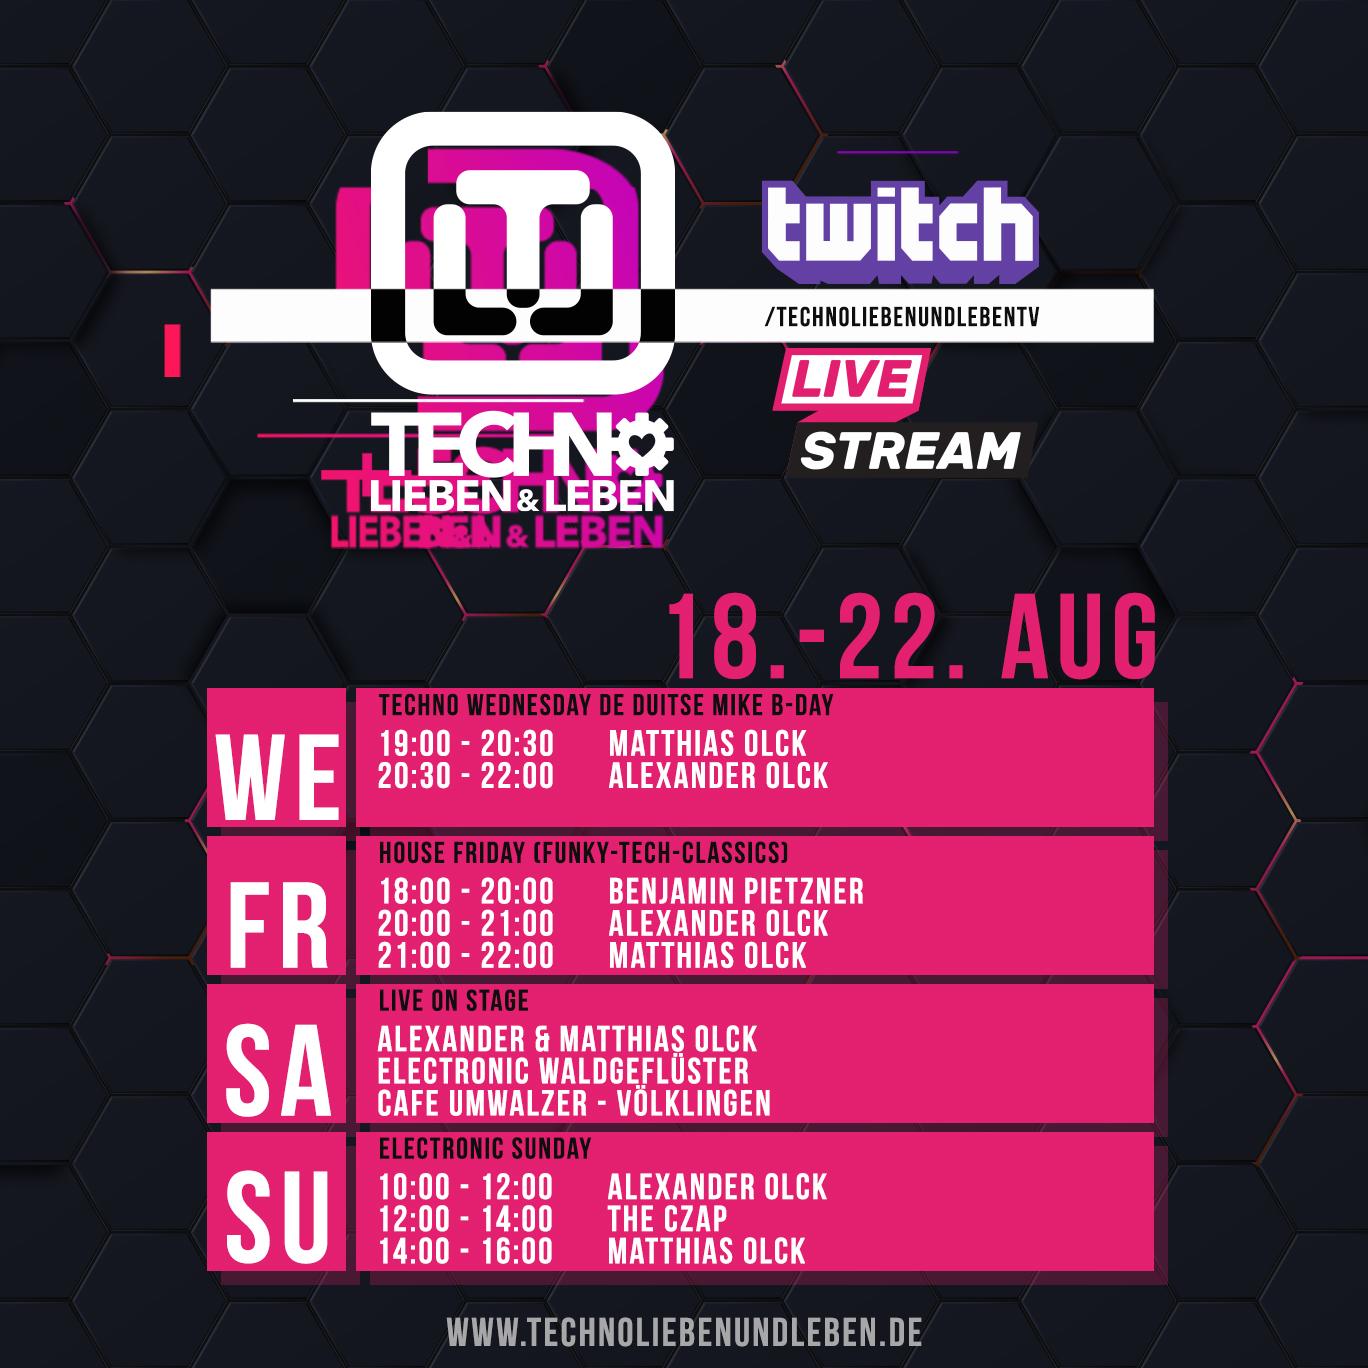 18. - 22. August Twitch Livestream